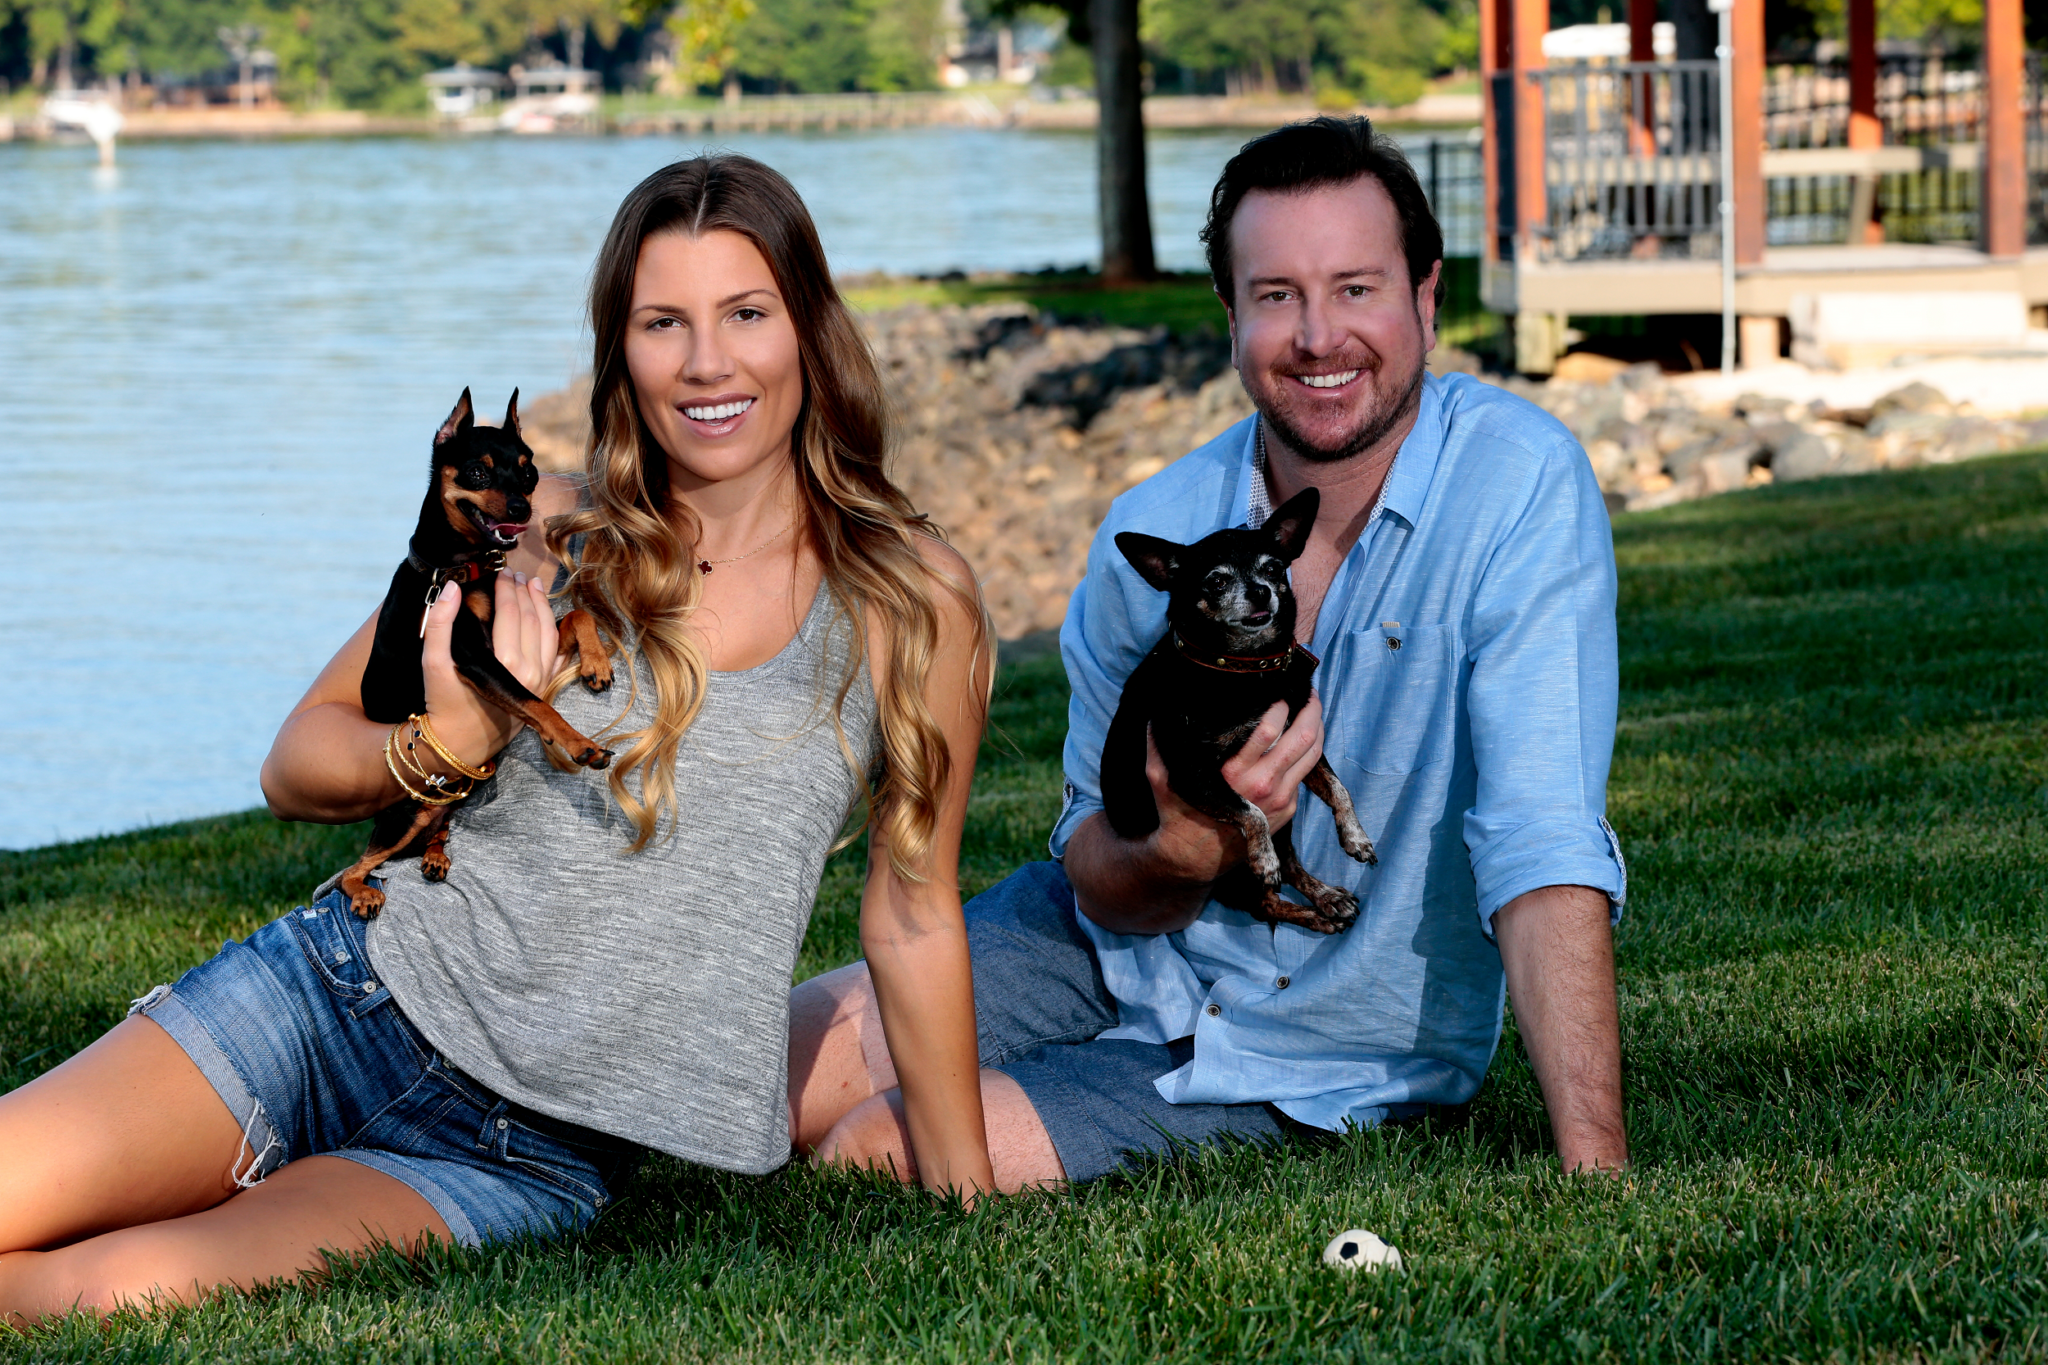 NASCAR Power Couple Kurt & Ashley Busch Introduce Their Dogs